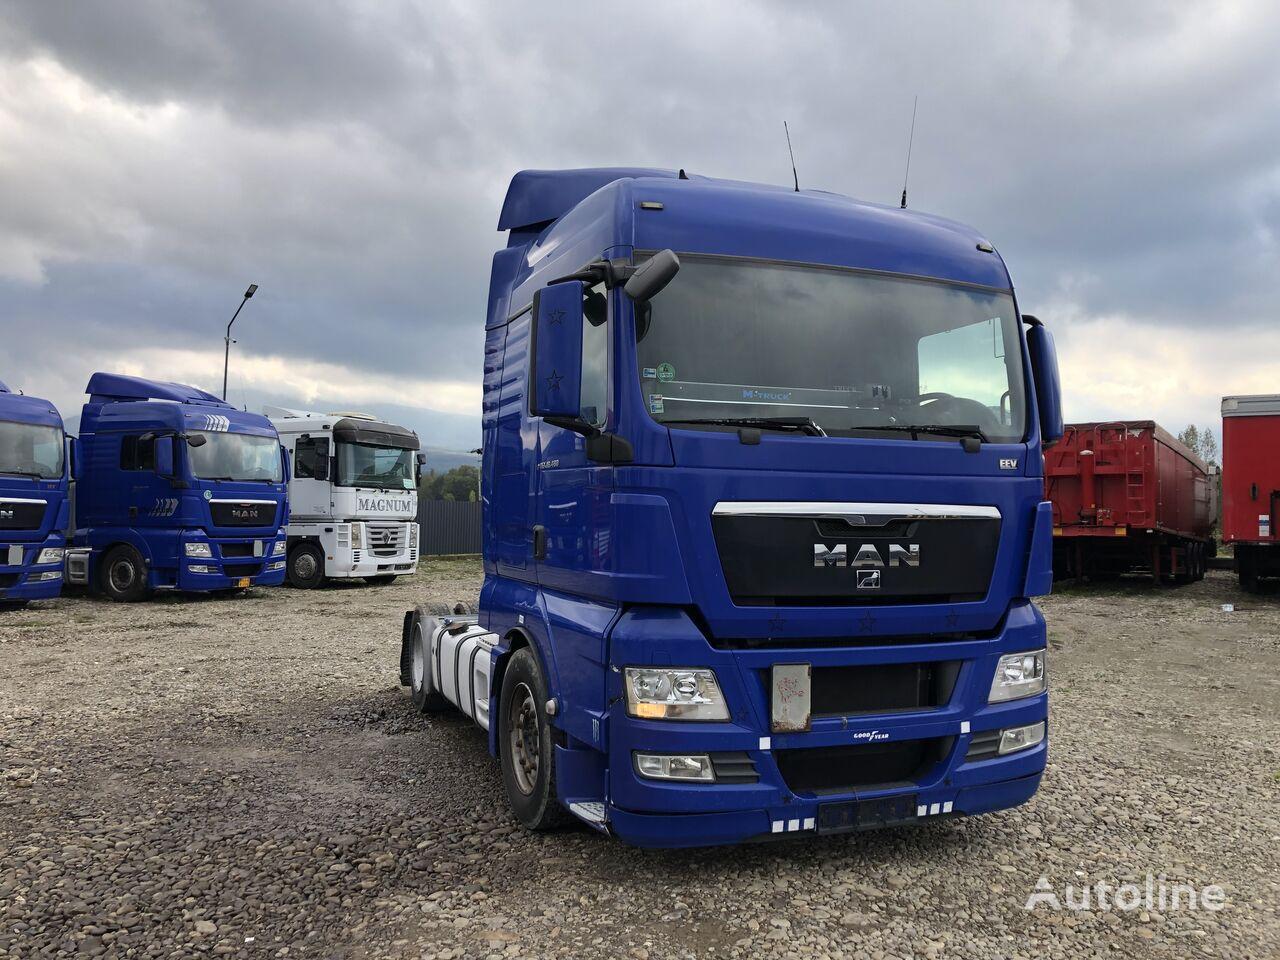 MAN TGX 18.480 tractora